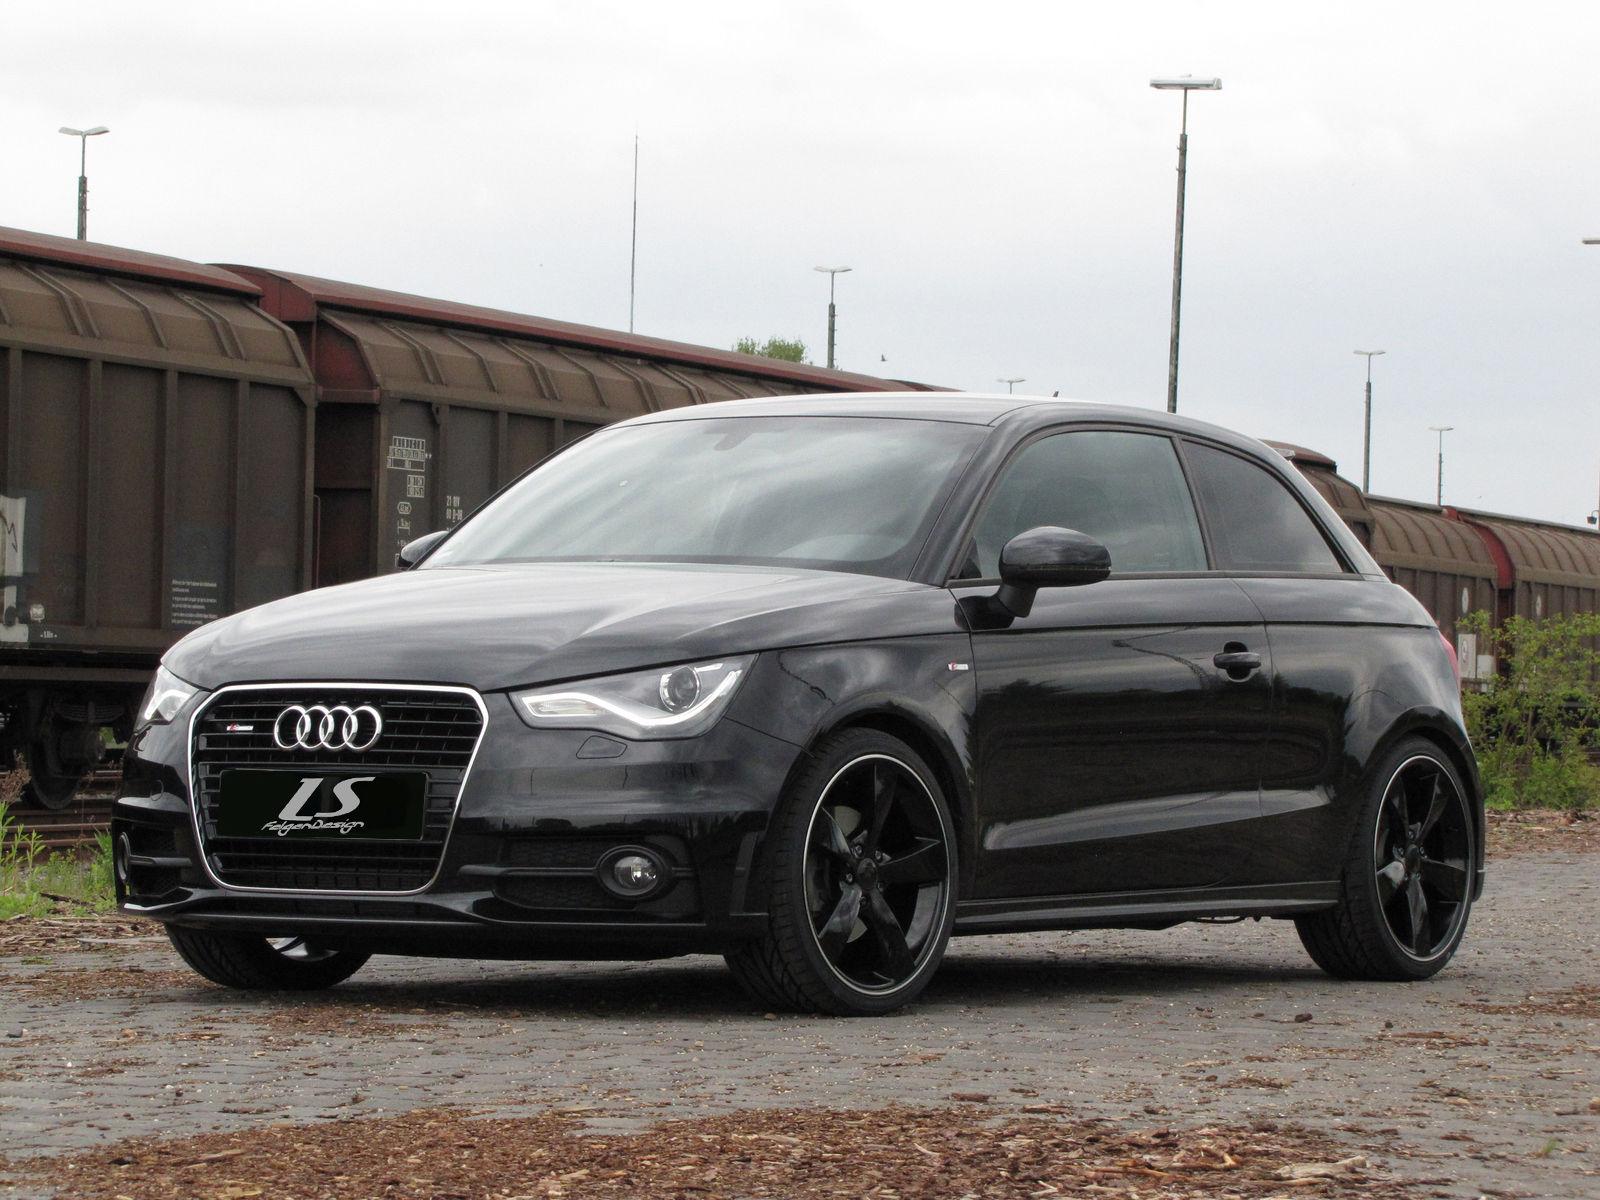 News Alufelgen Audi A1 S Line 218ps Mit 18zoll Alufelgen Kompletträder Sommerräder Winterräder Winterreifen